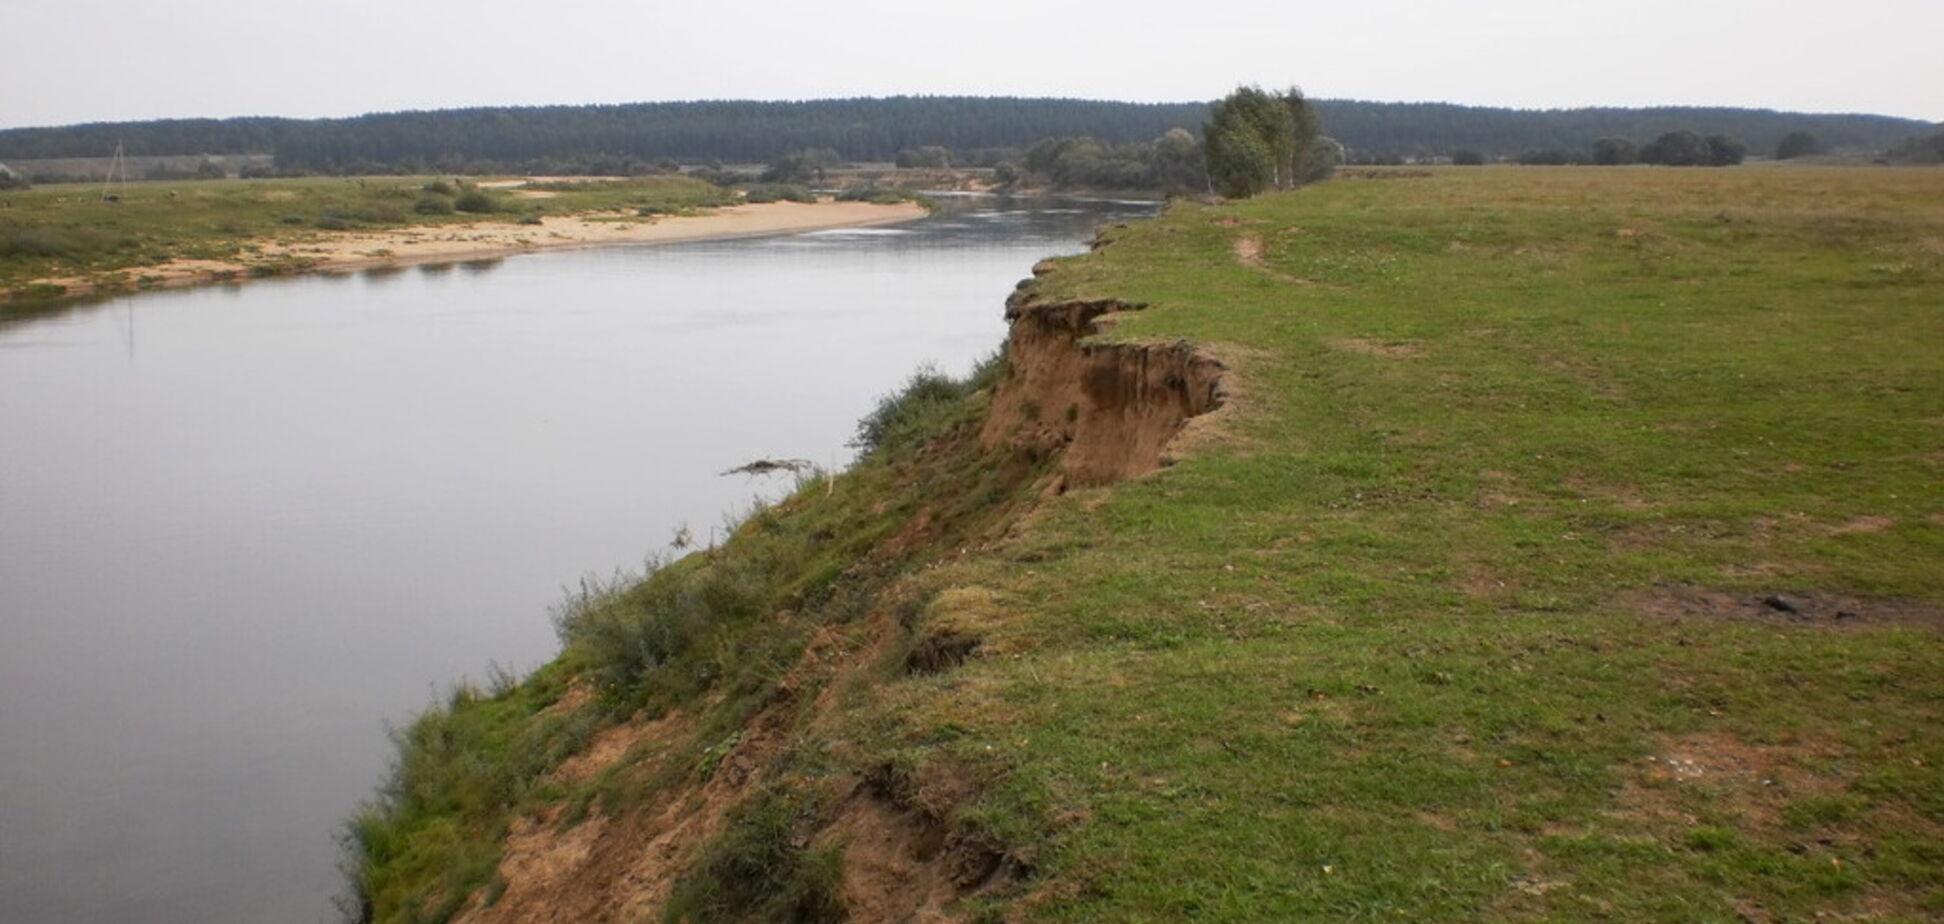 Под Киевом на берегу Днепра нашли труп со связанными руками